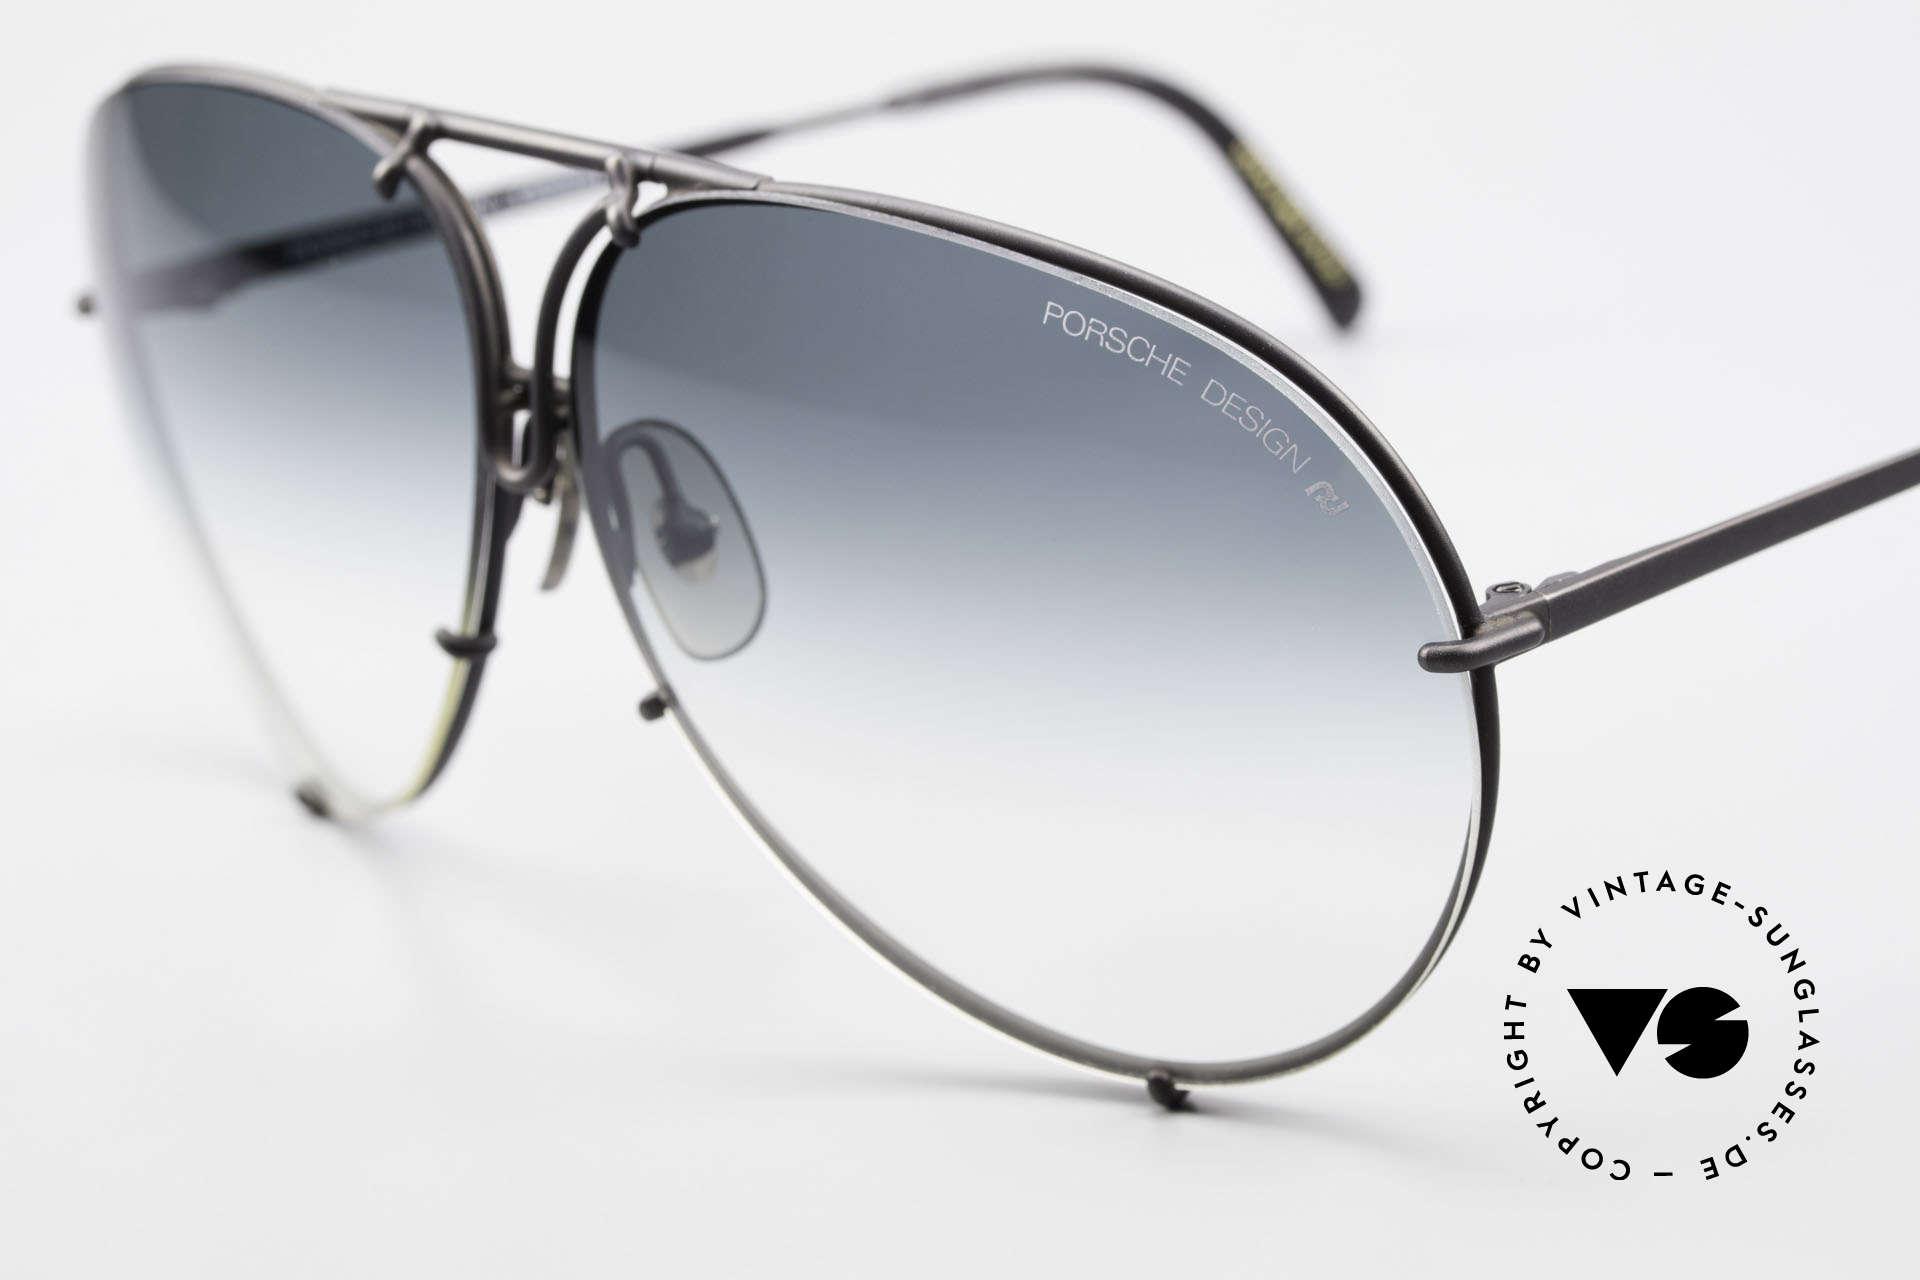 Porsche 5621 Alte 80er Aviator Sonnenbrille, legendäre Bestseller-Sonnenbrille aus den 1980ern, Passend für Herren